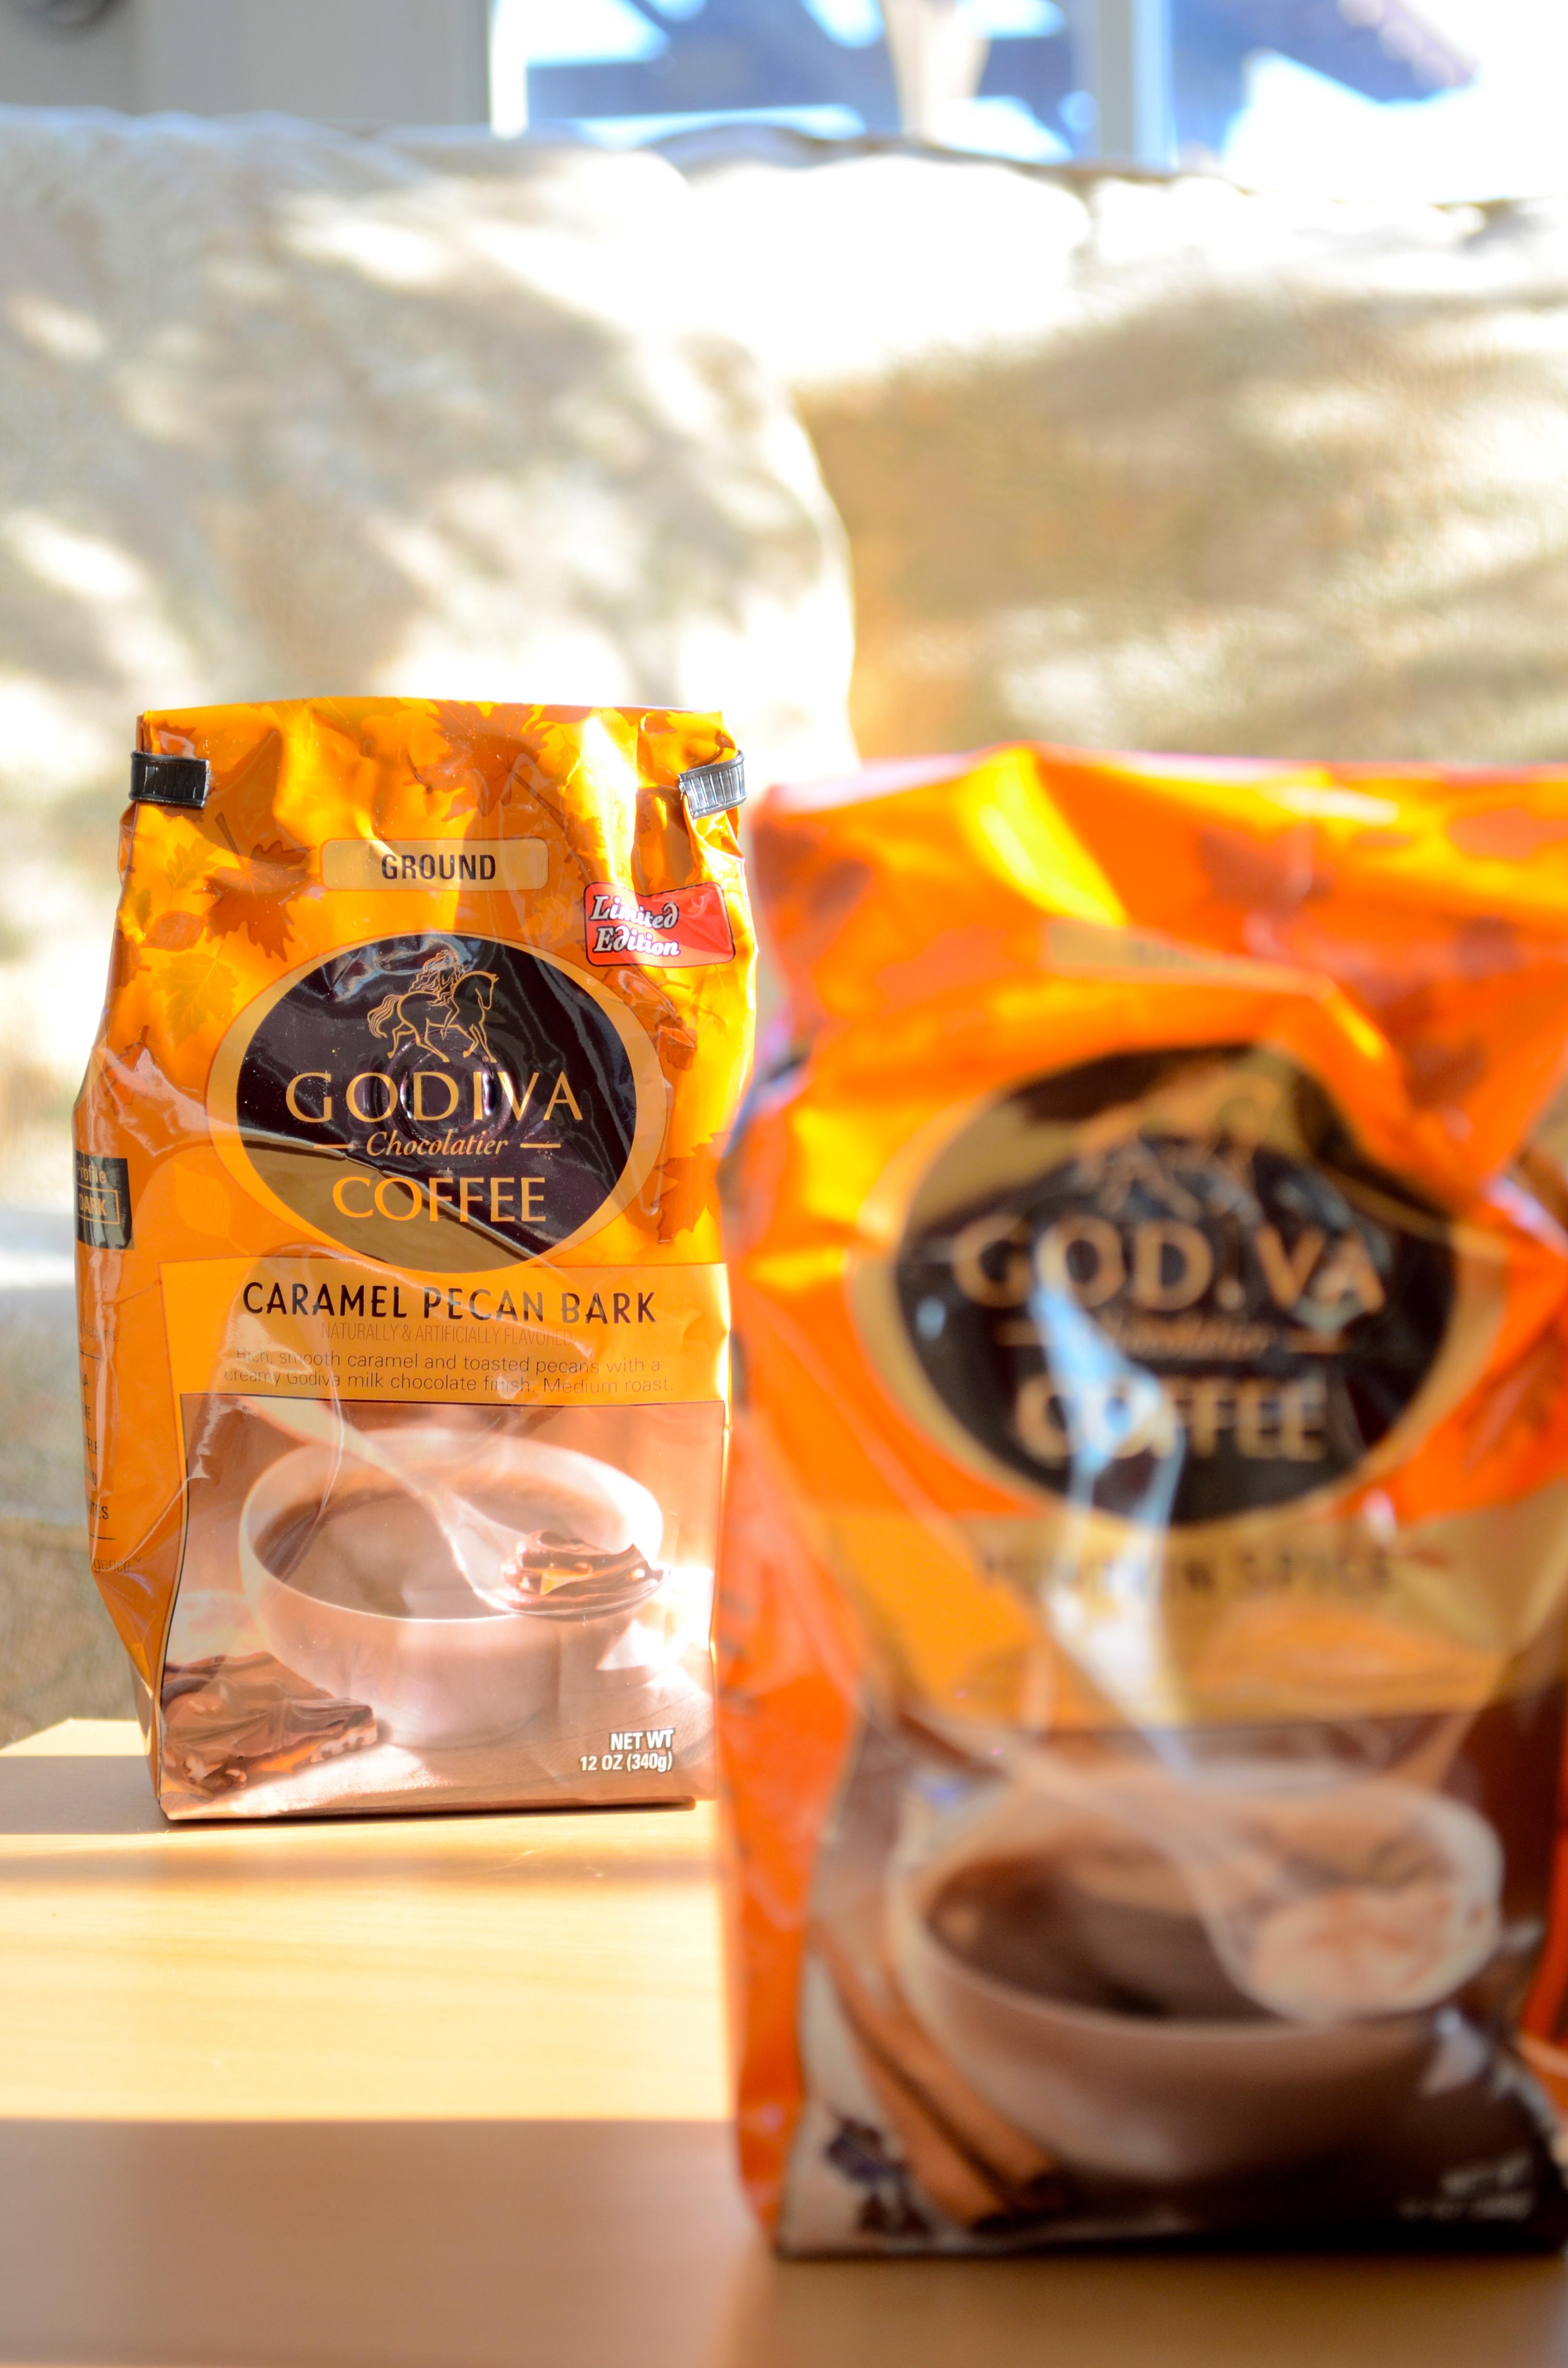 Godiva Chocolate Liqueur - Bites 'n Brews